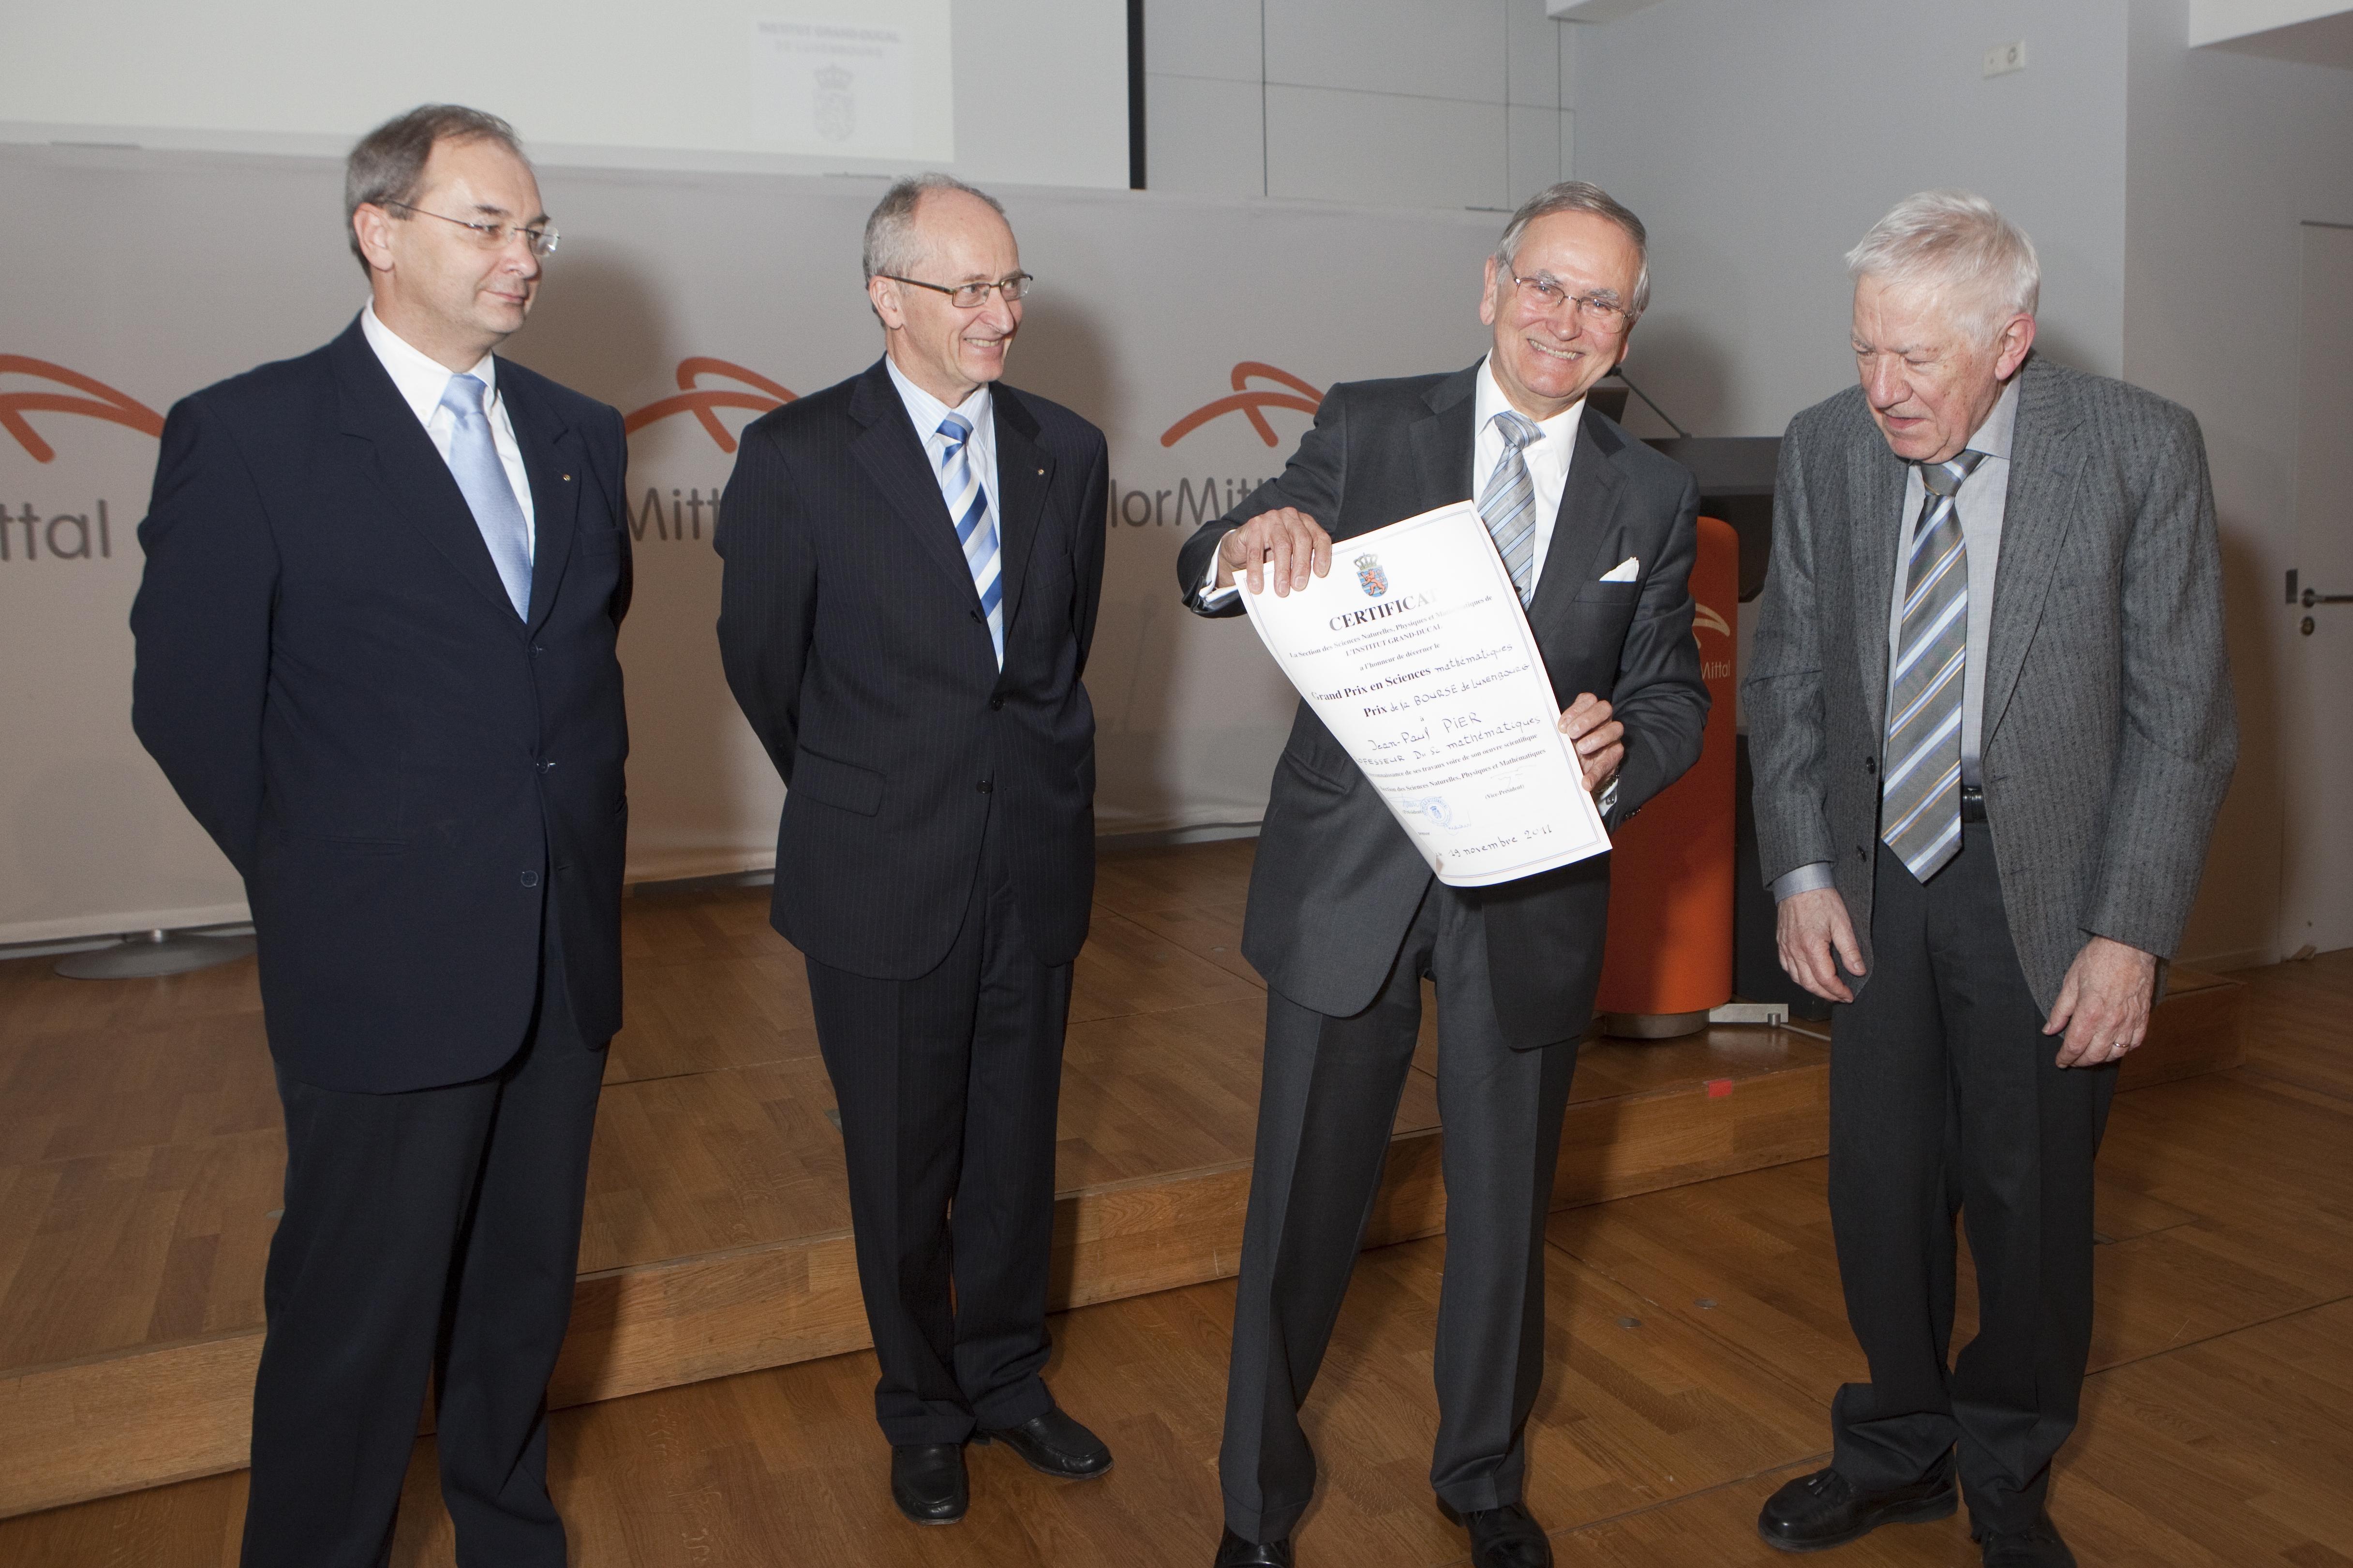 Grand Prix 2011 en sciences mathématiques de l'Institut grand-ducal / Prix de la Bourse de Luxembourg : Professeur Dr Jean-Paul PIER (Centre Universitaire de Luxembourg) / lauréat